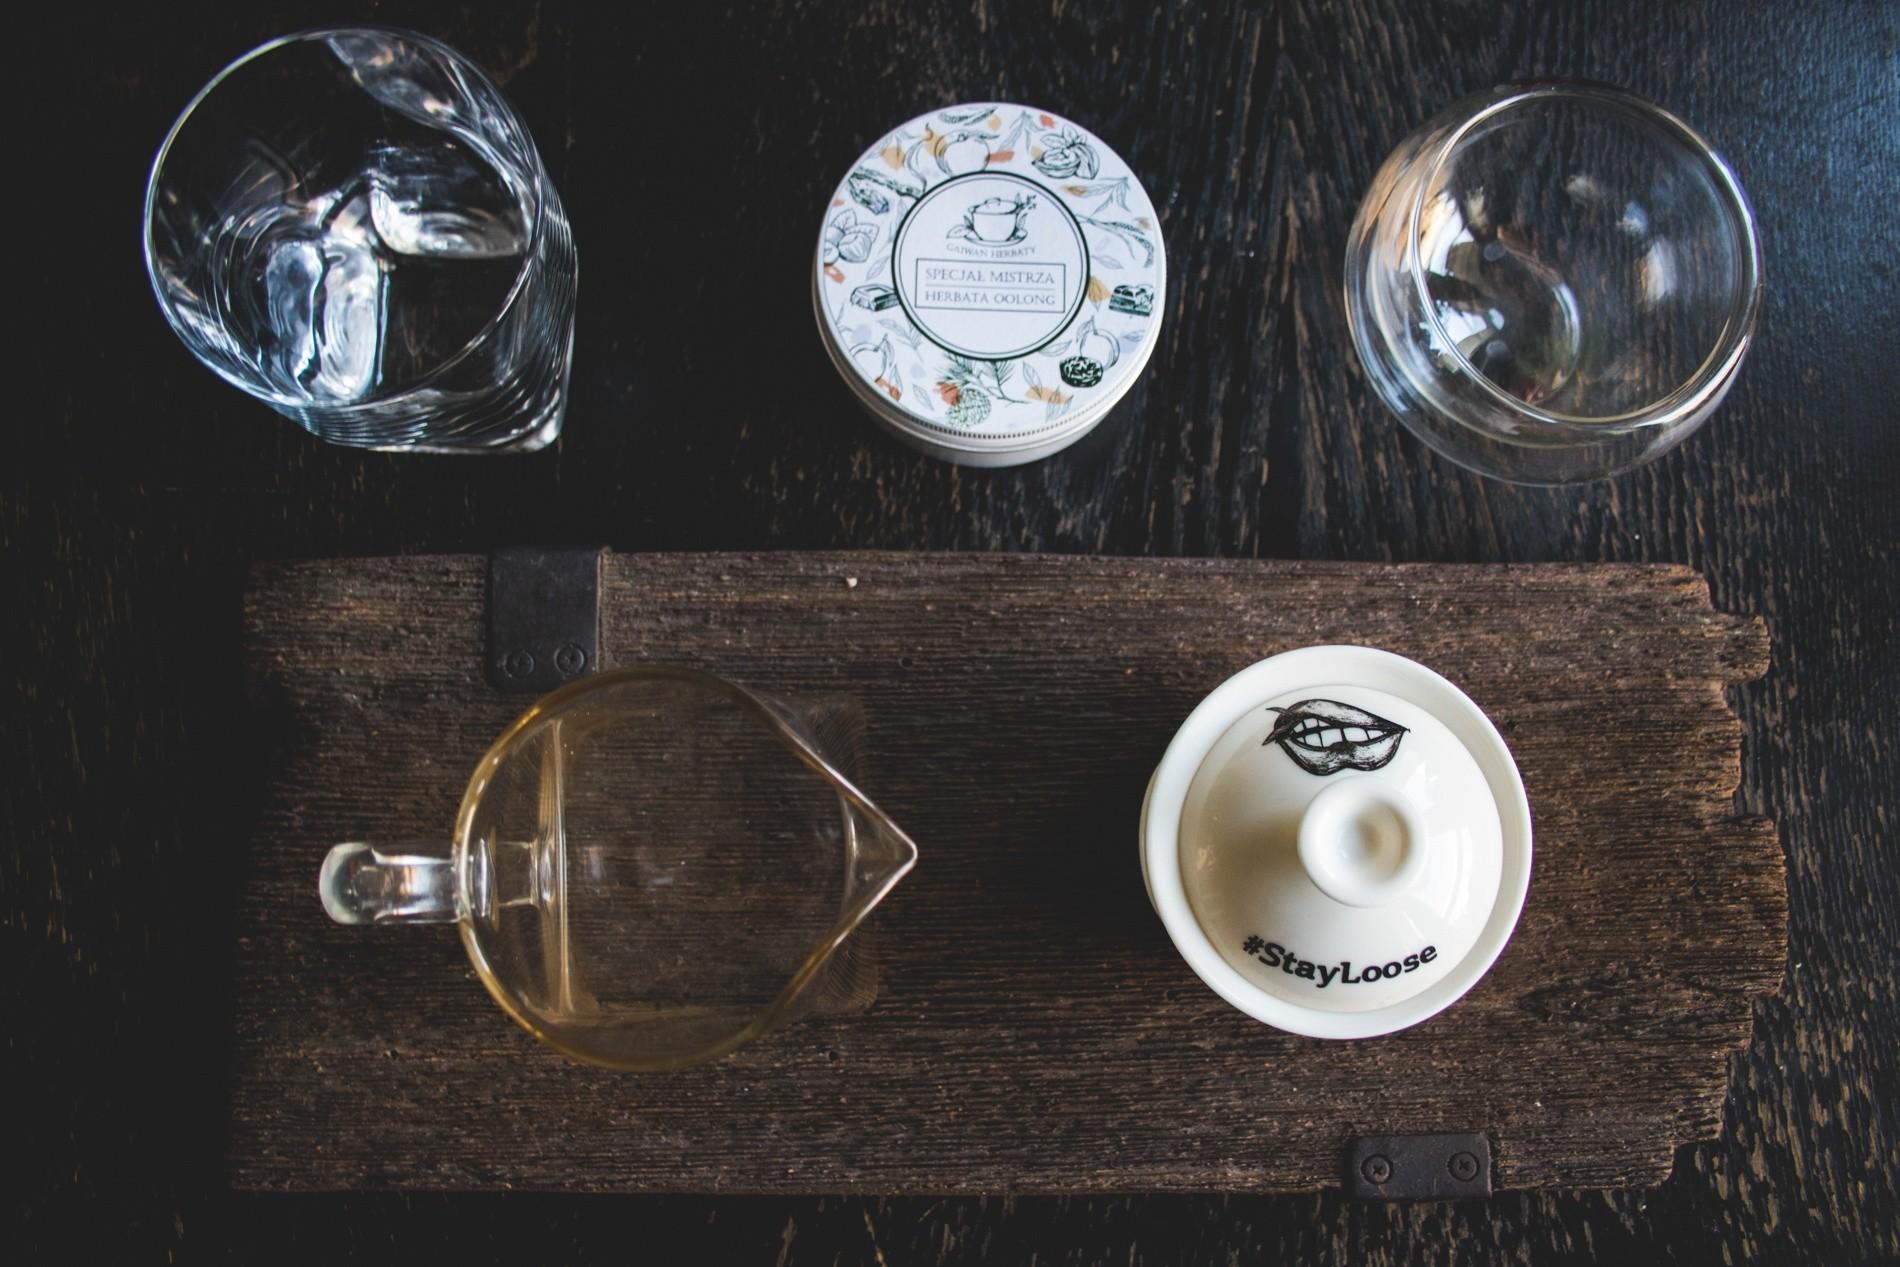 Herbata jak whisky – Specjał Mistrza odGaiwana Herbaty